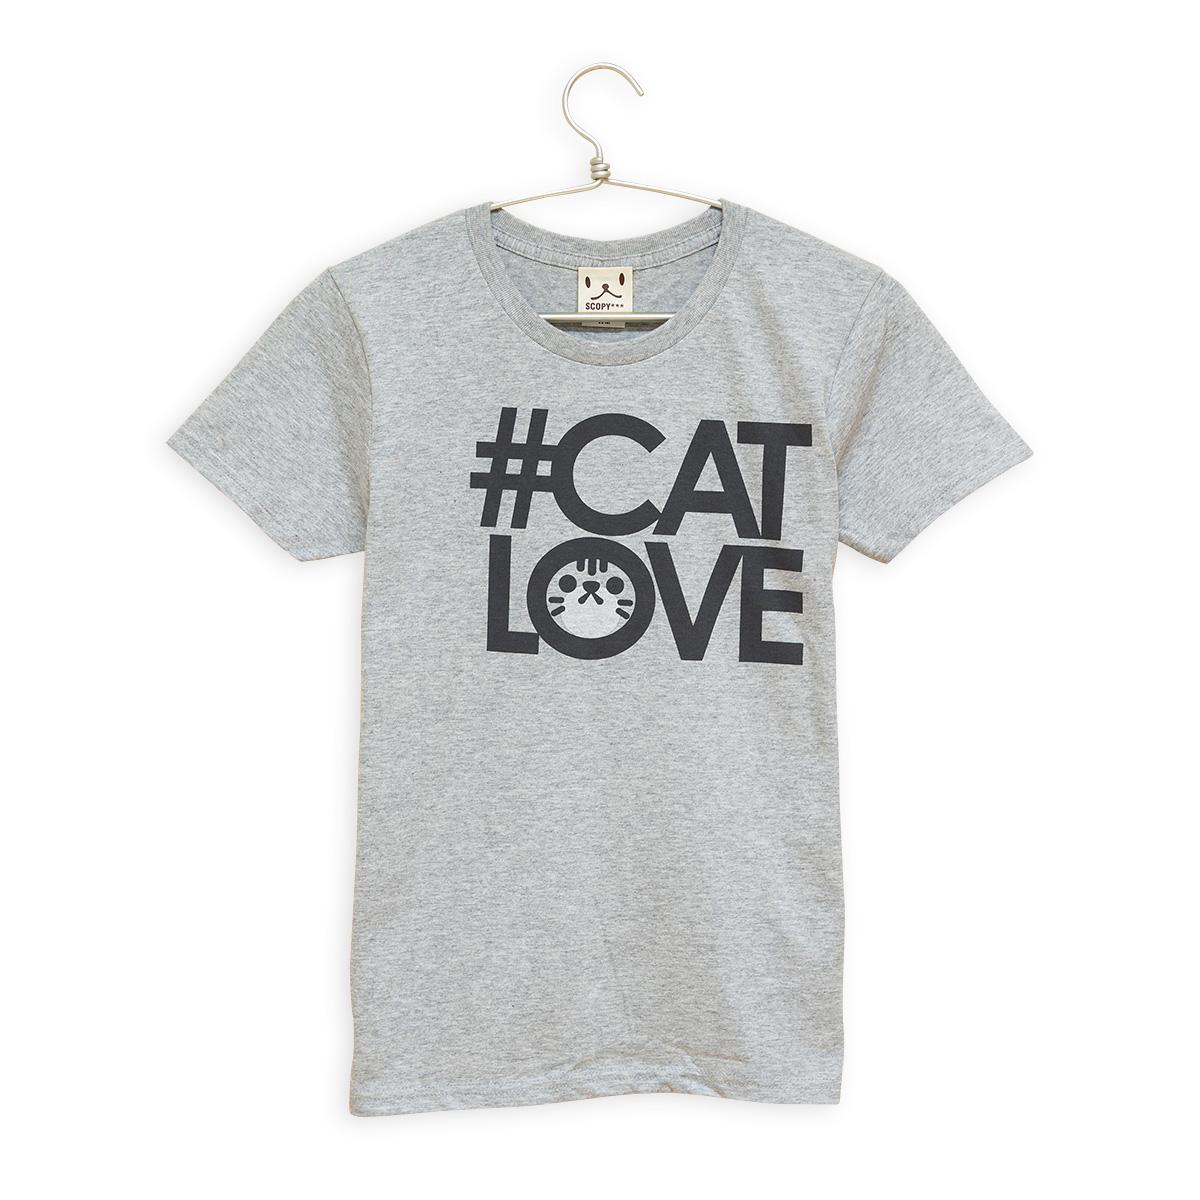 レディースTシャツ #CATLOVE サバトラ